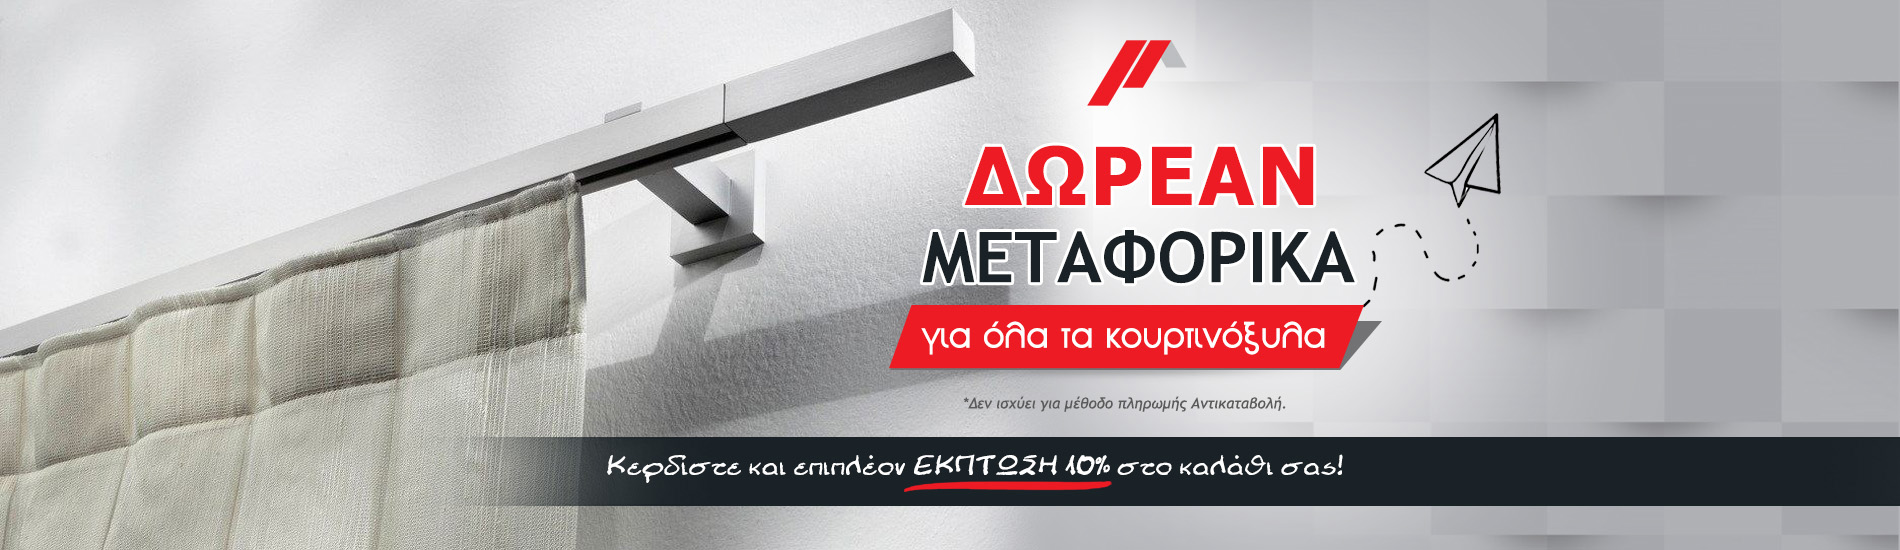 slide-0092